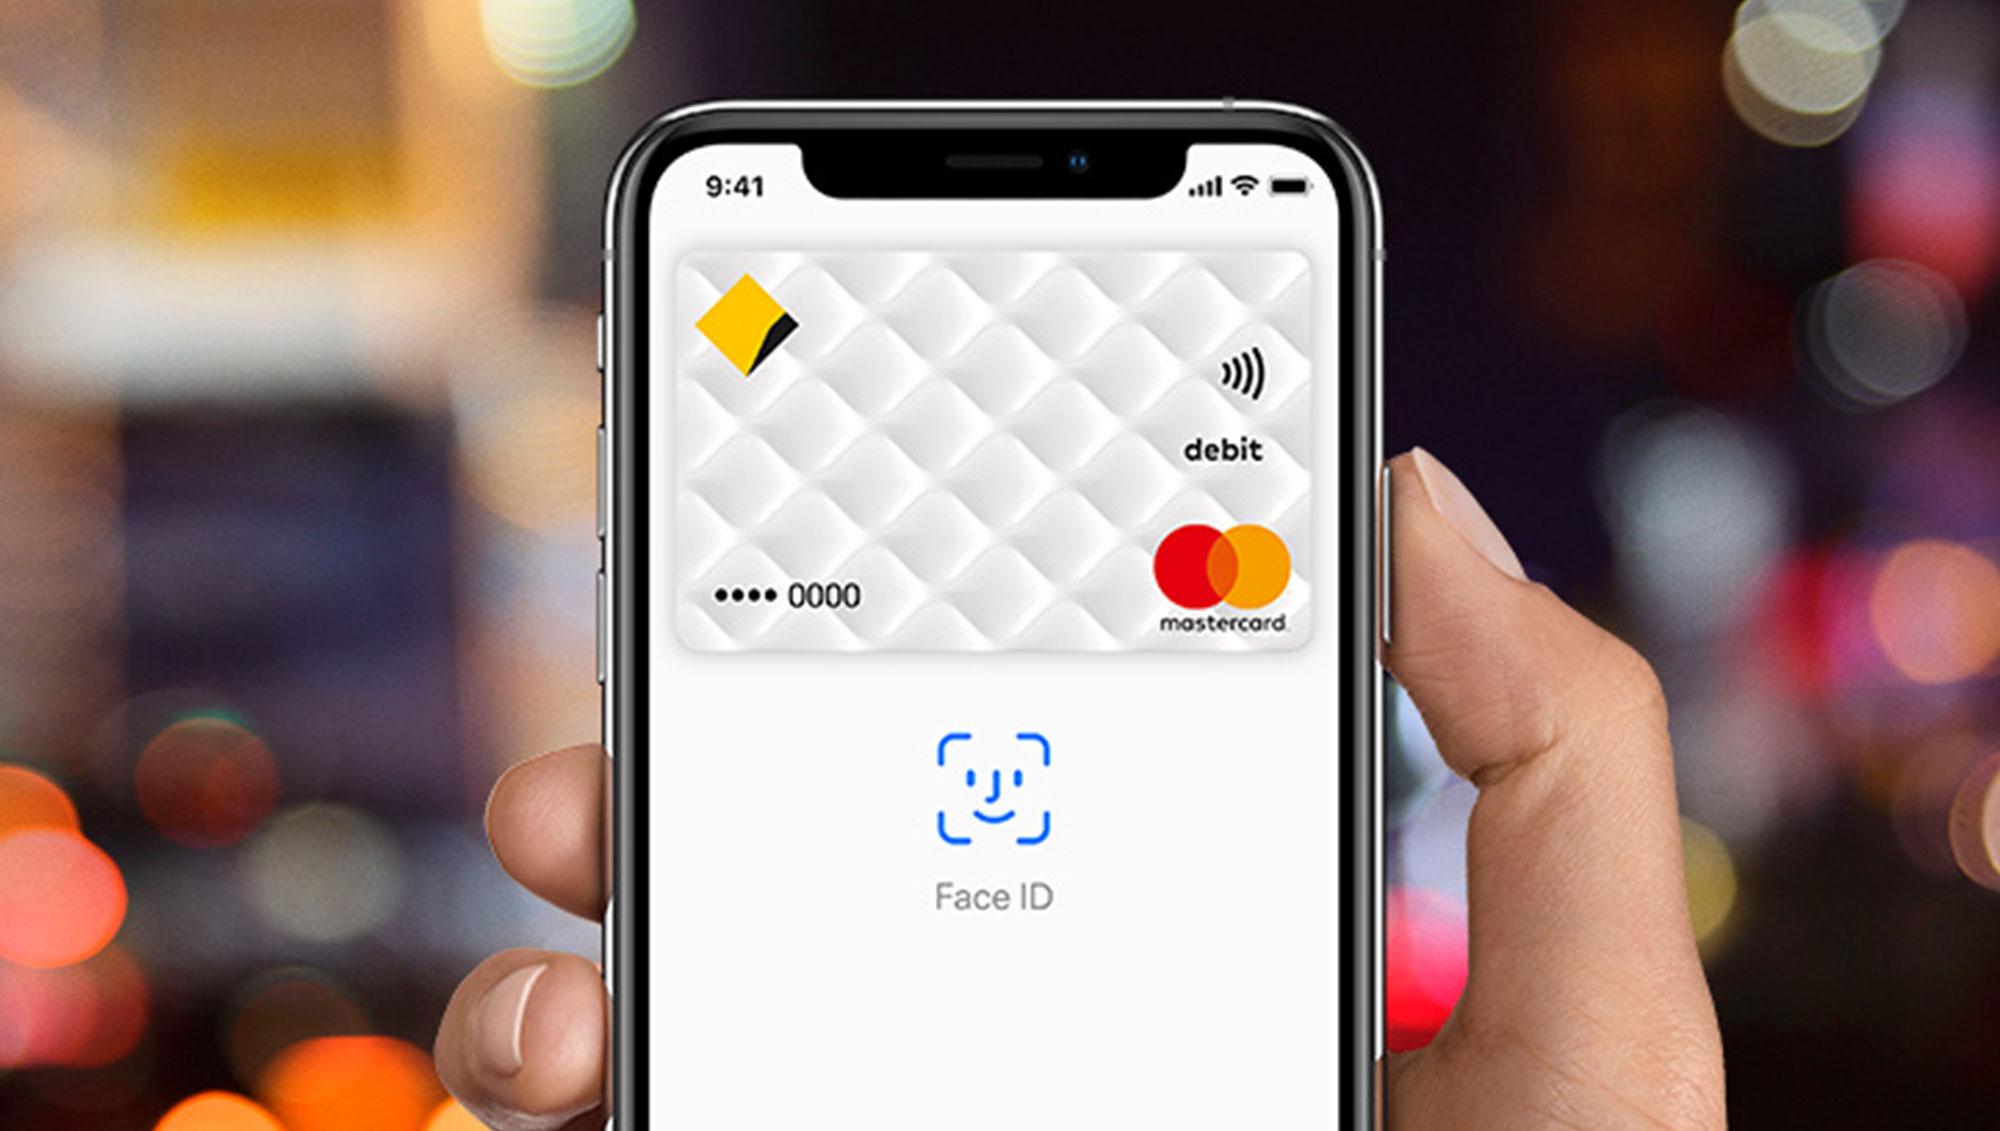 澳大利亚联邦银行现已支持 Apple Pay